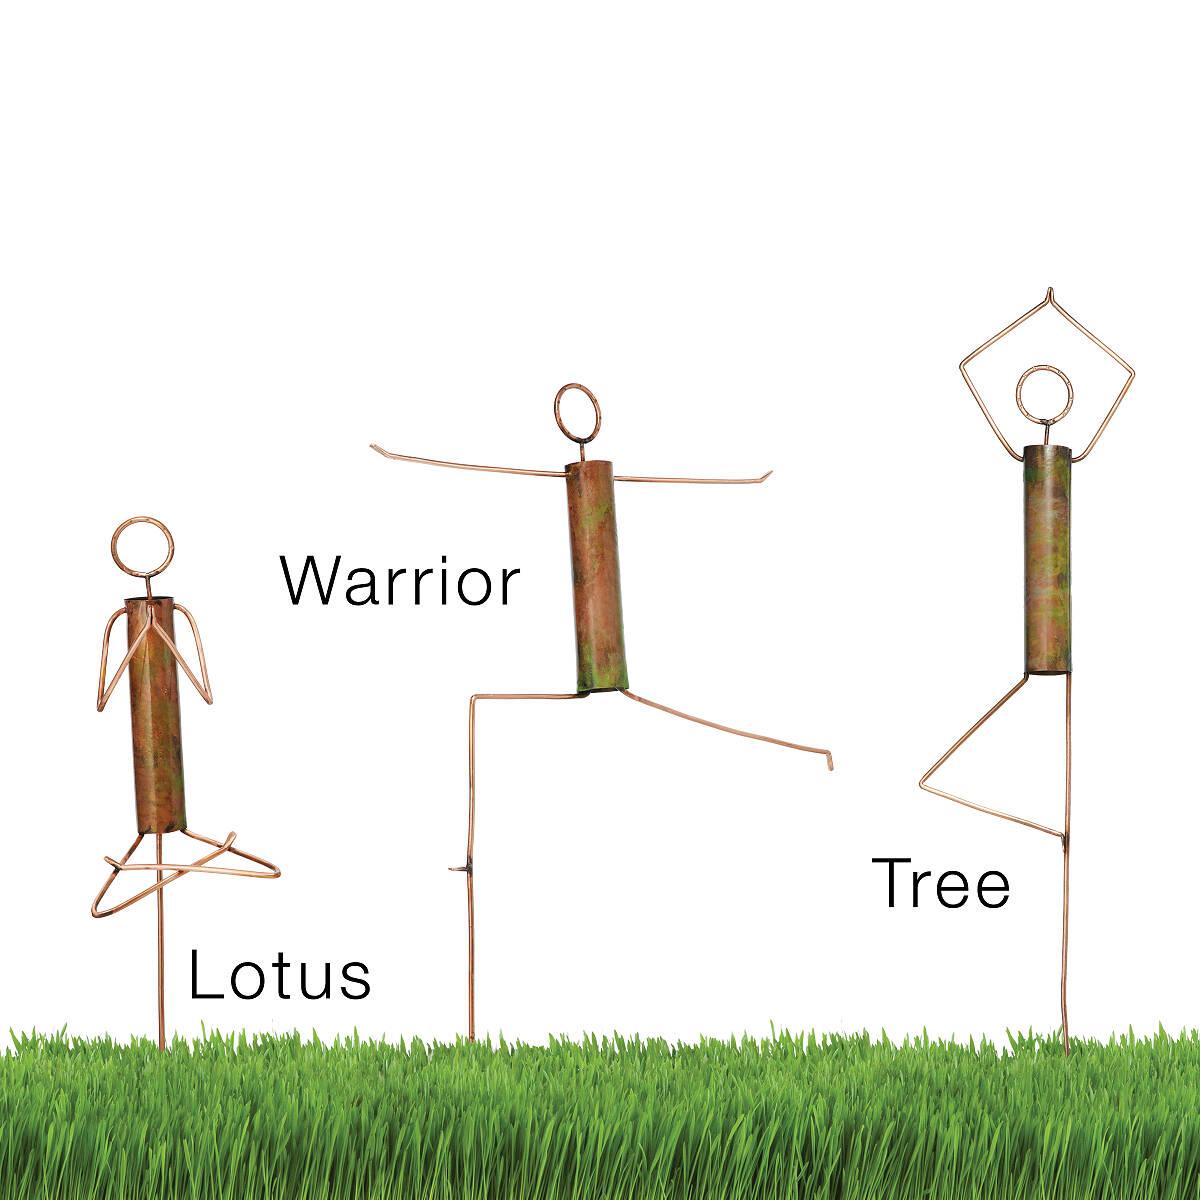 Yoga Pose Garden Sculptures 2 Thumbnail